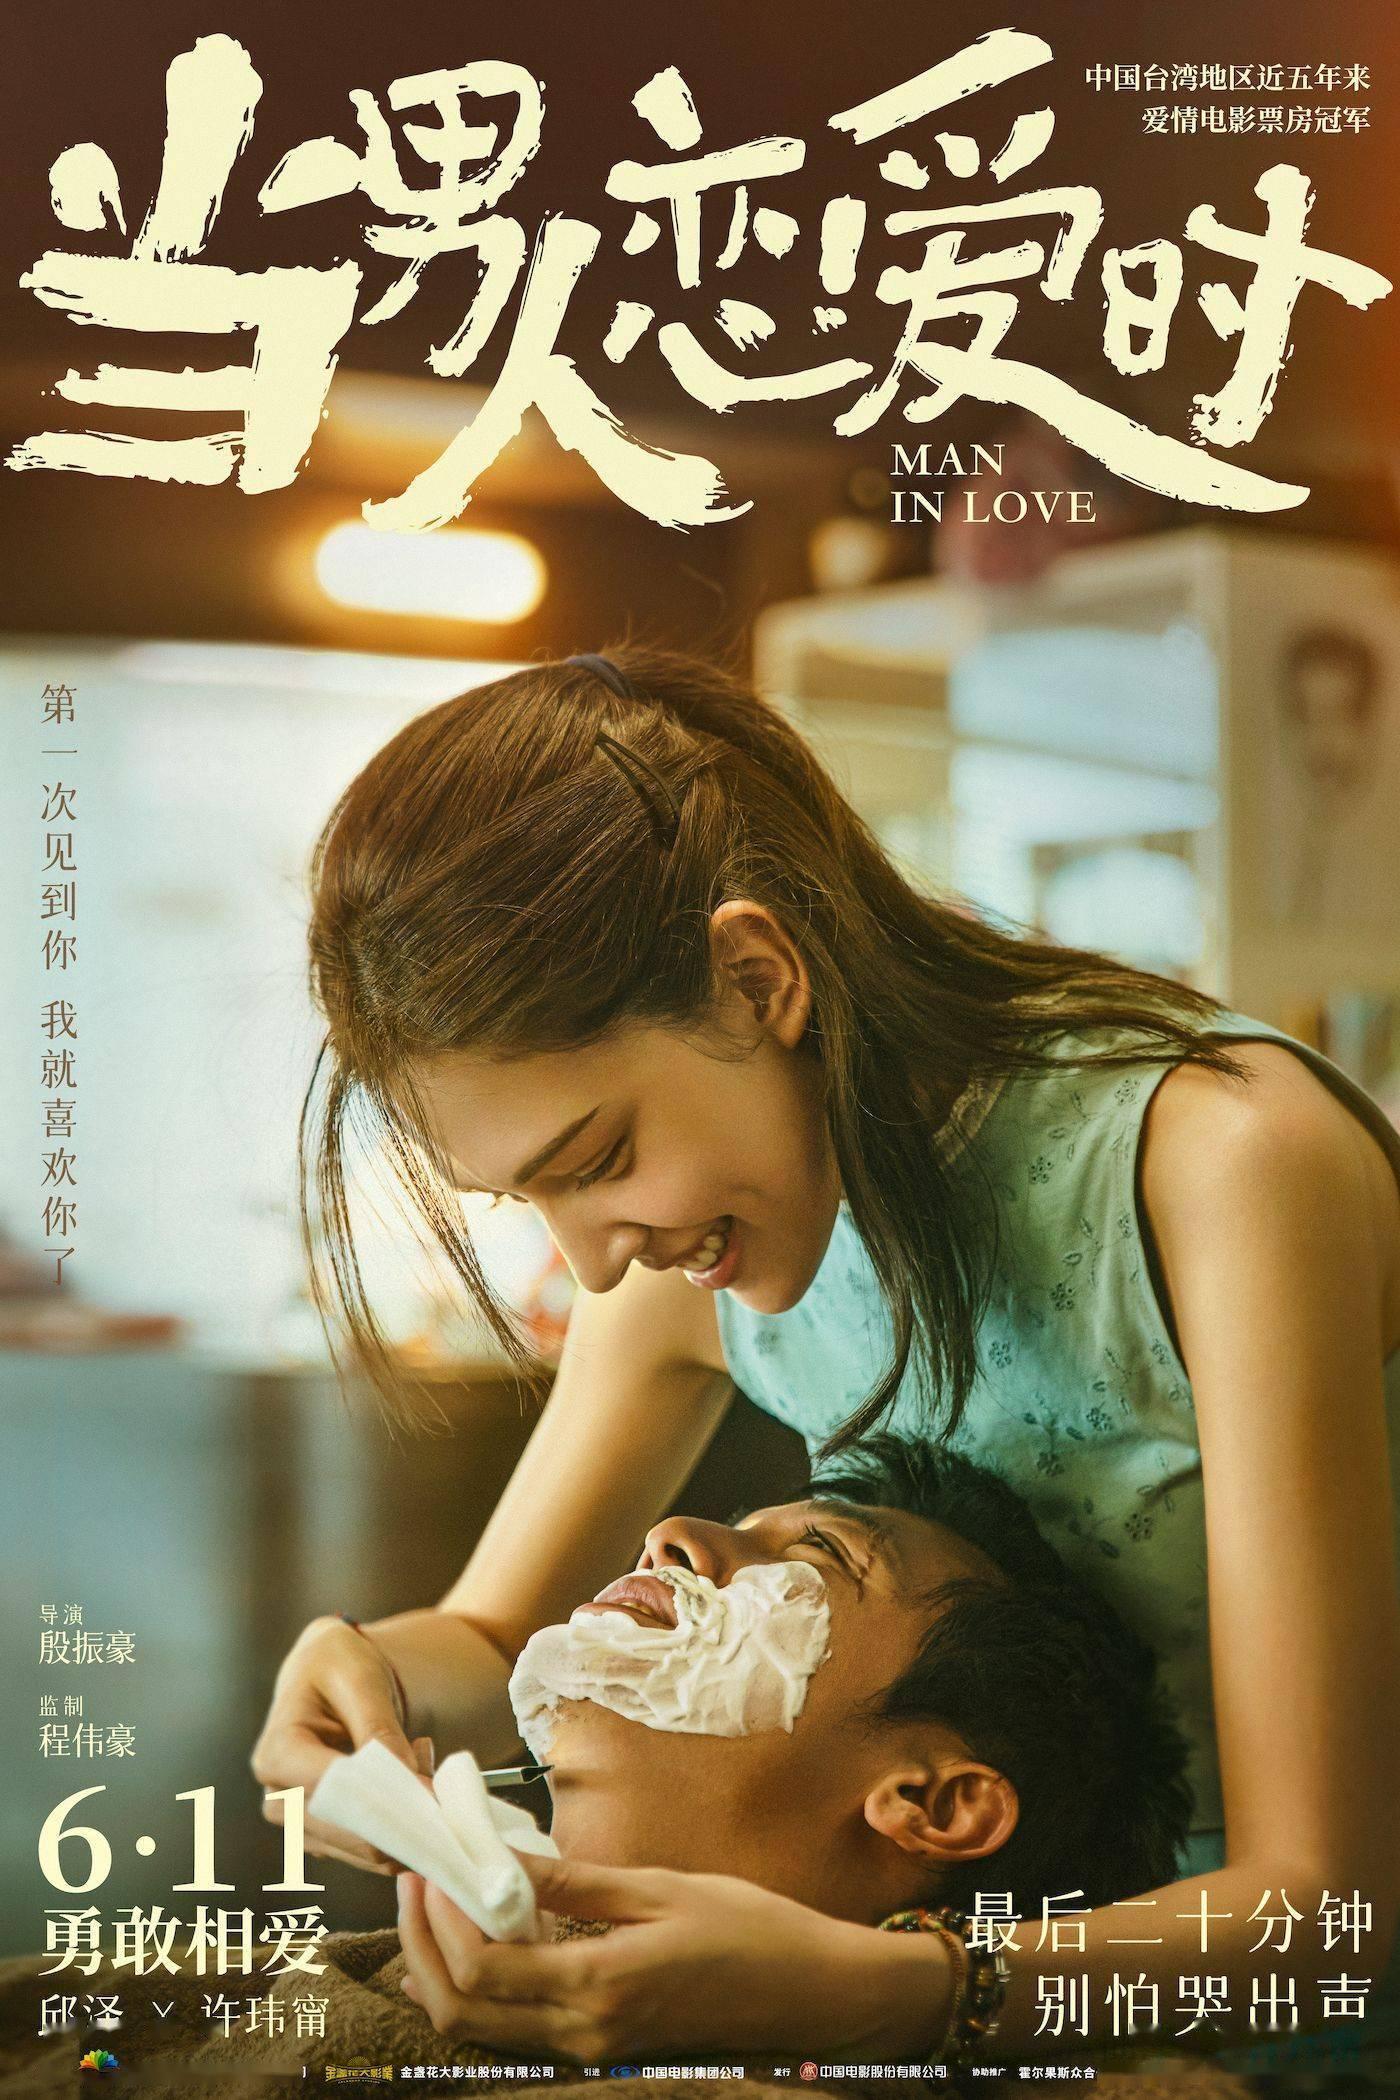 《当男人恋爱时》发布终极预告,邱泽许玮甯演绎爱情点滴